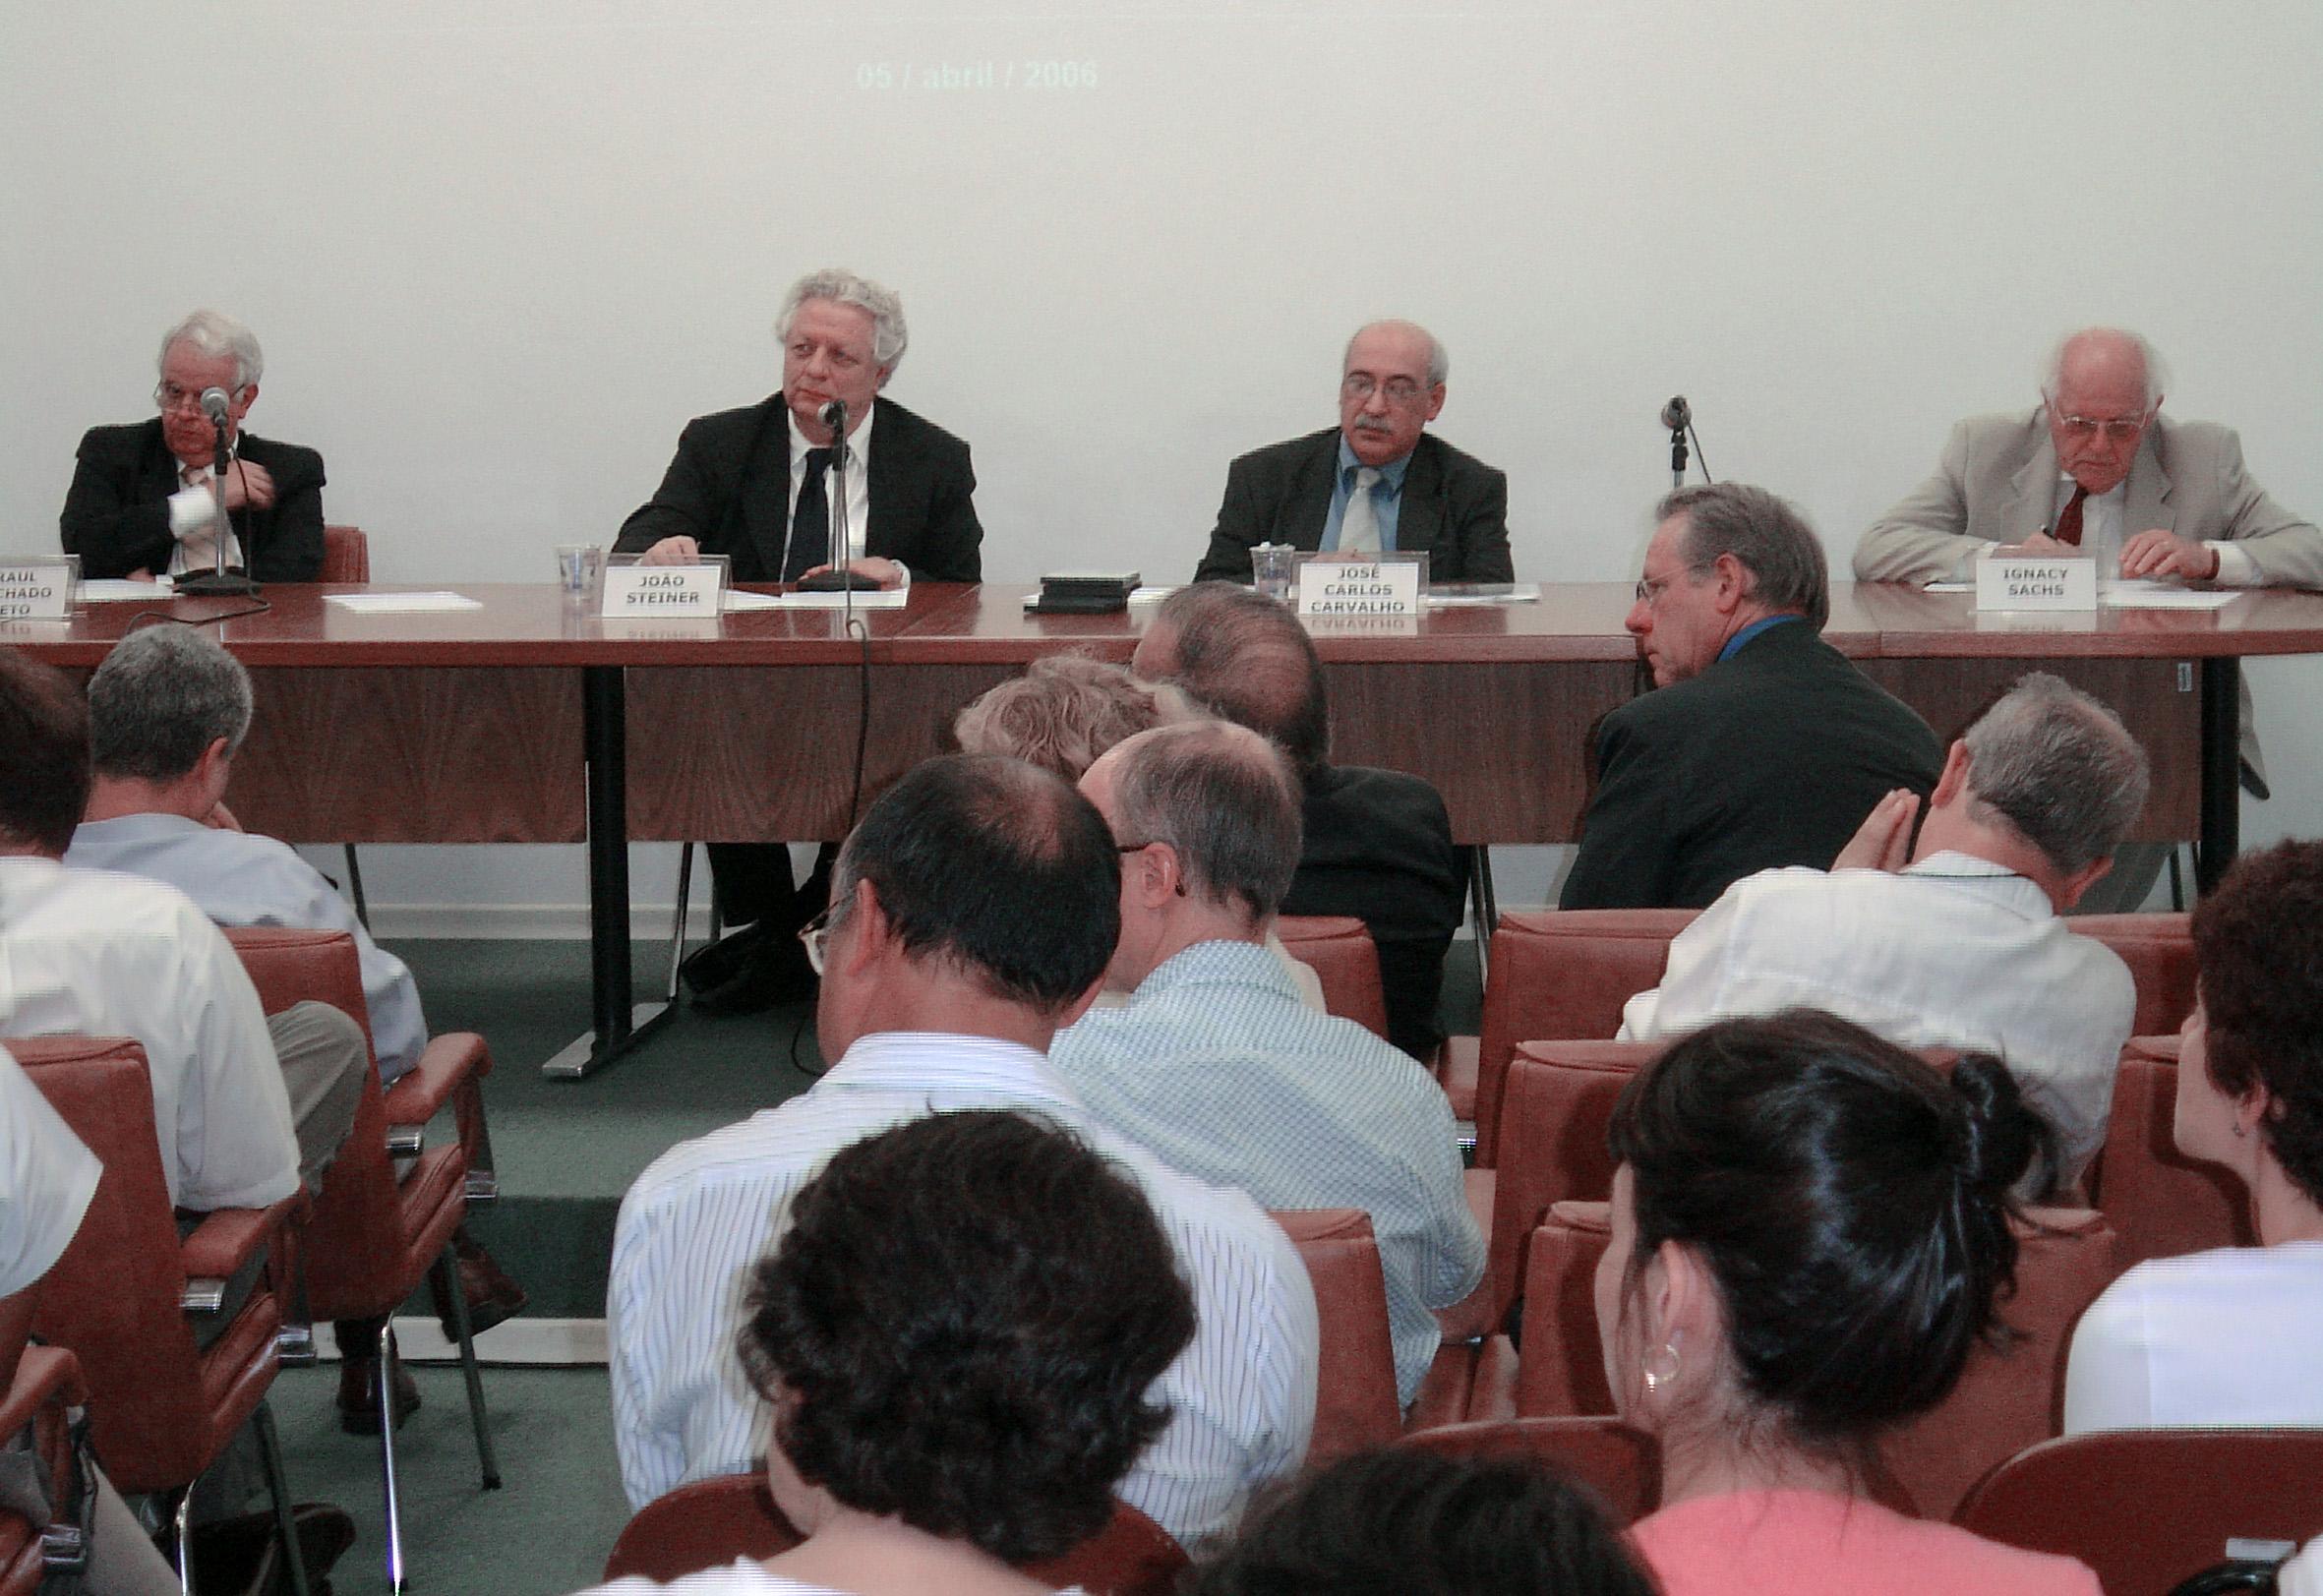 Raul Machado Neto, João Steiner, José Carlos Carvalho e Ignacy Sachs